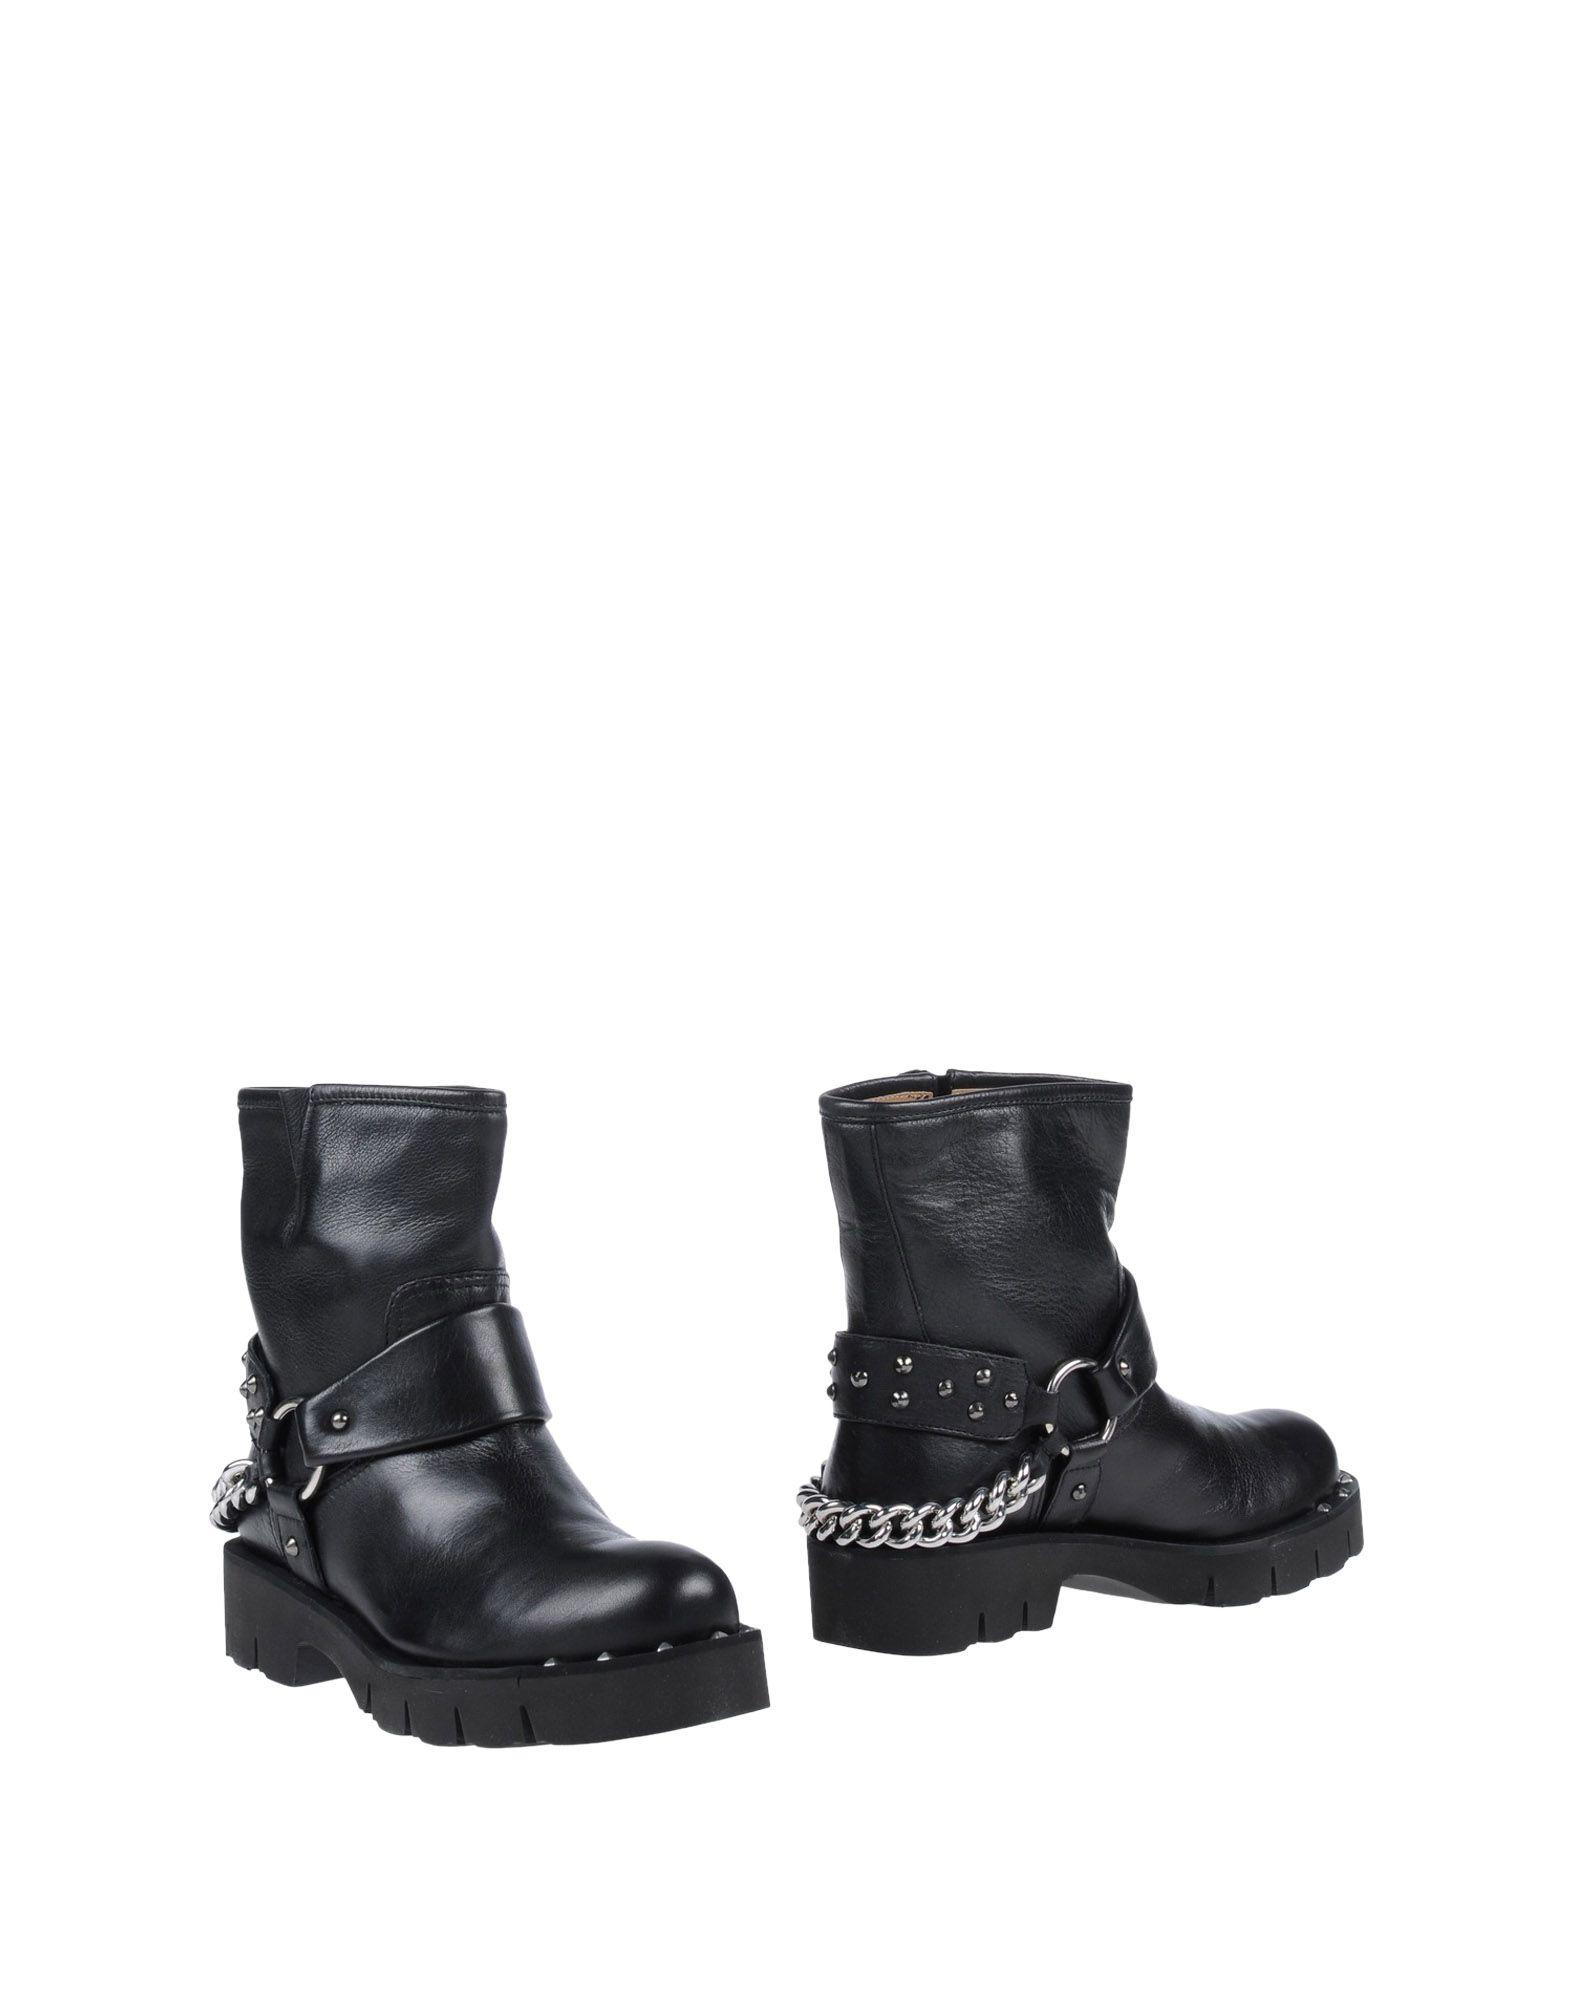 Poesie Veneziane Stiefelette Damen  11454721DH Gute Qualität beliebte Schuhe